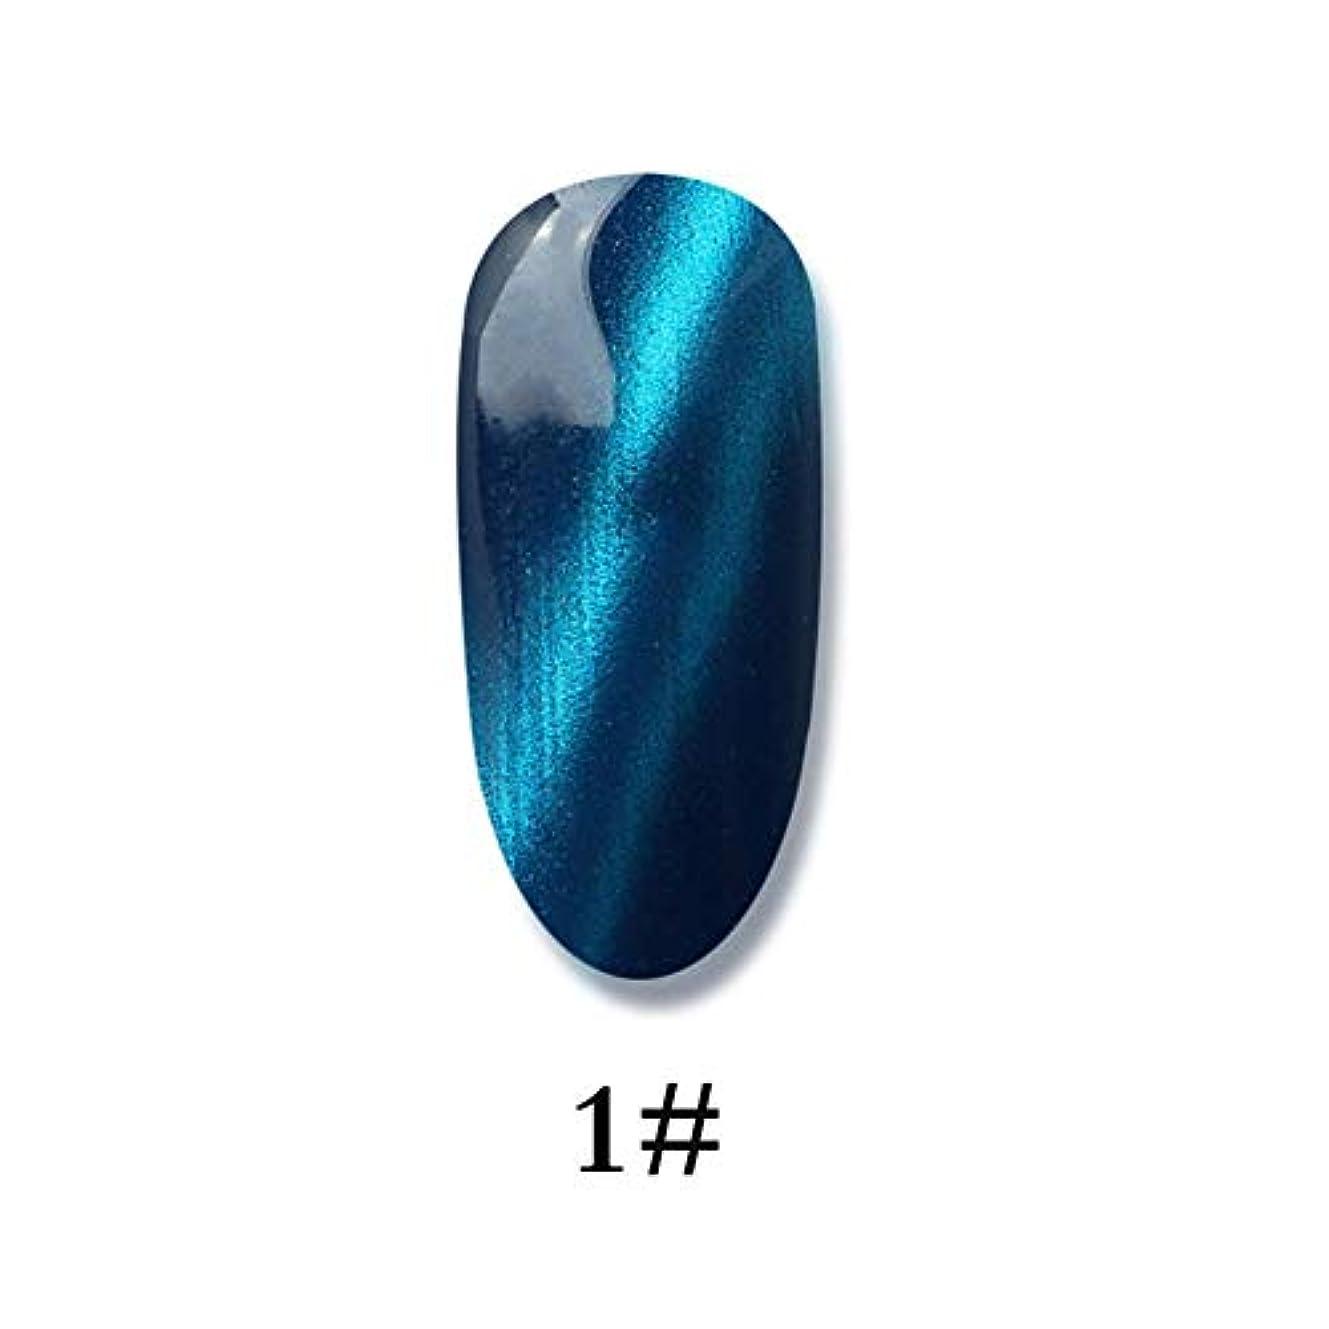 美容師ユダヤ人プランテーションネイルポリッシュ - ネイル光線療法用ゲル 3Dキャットアイジェルメイクアップネイルポリッシュグルー